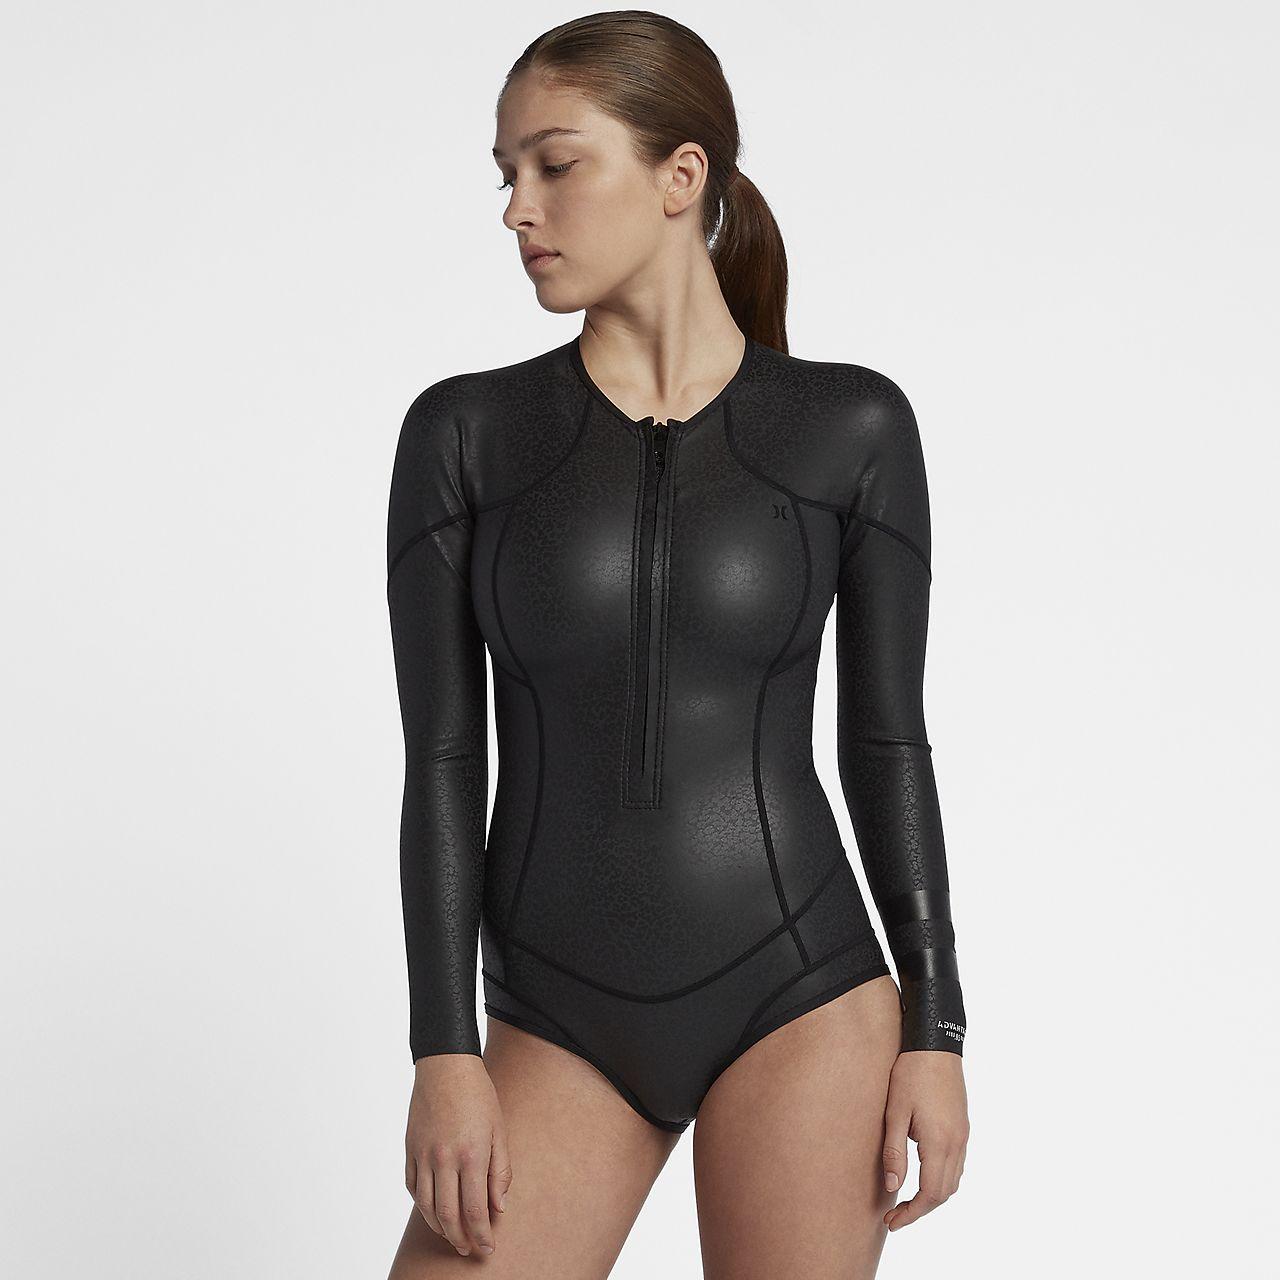 Nike Combinaison Hurley Advantage Plus 0.5mm Windskin Springsuit pour Femme RwNIDx